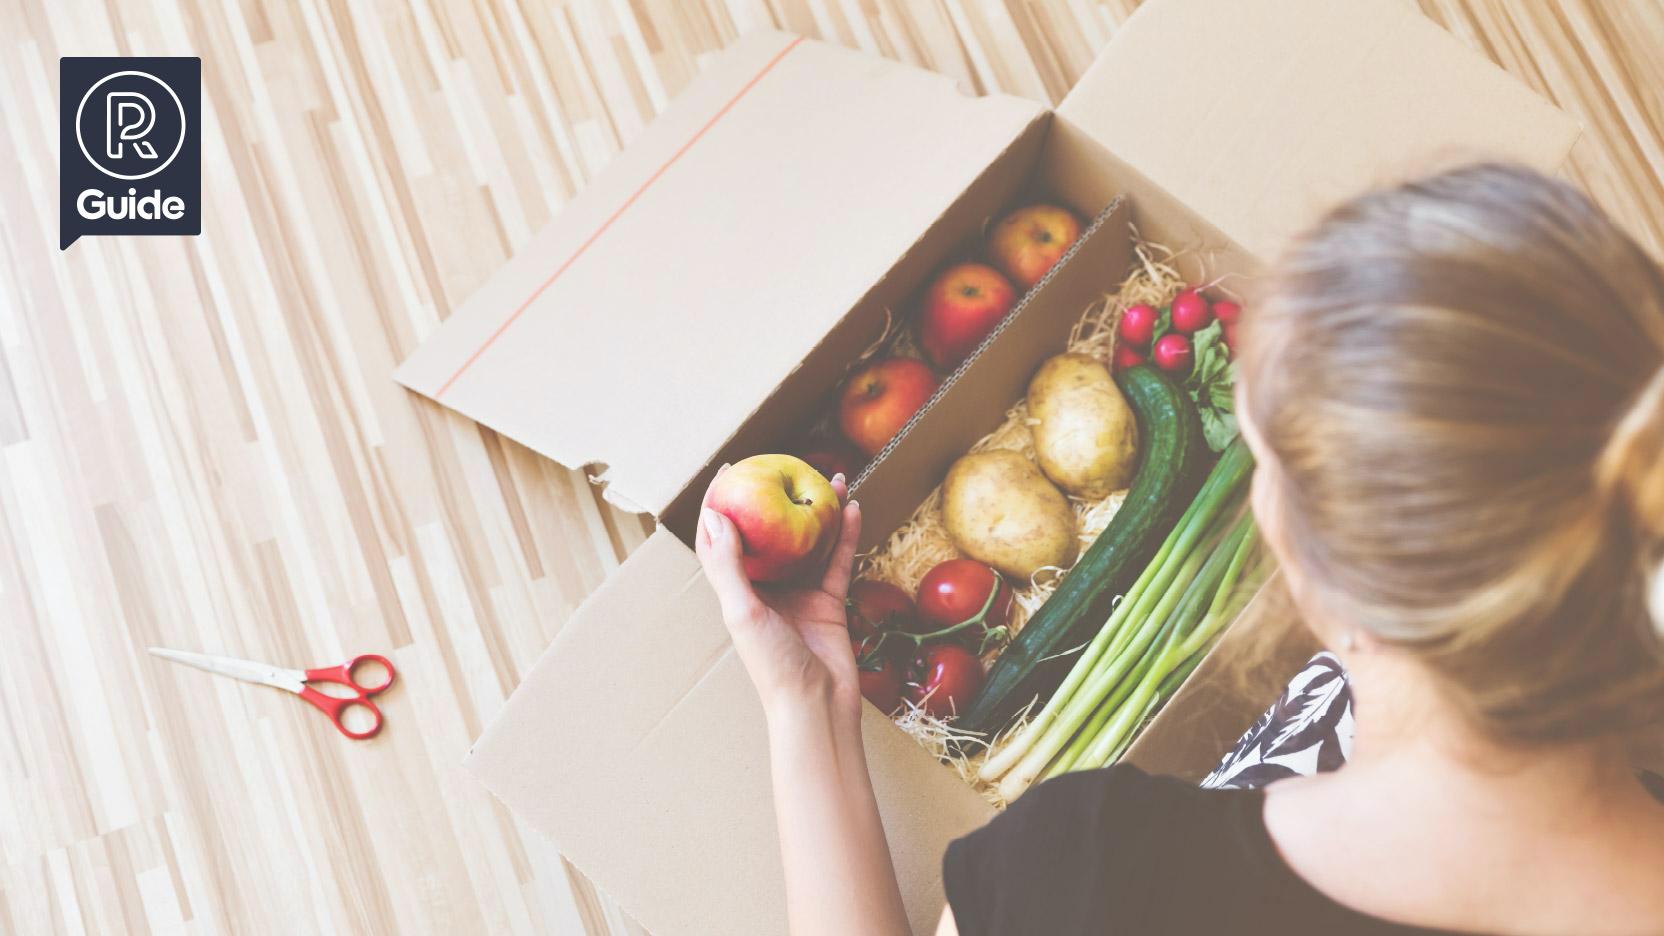 köpa vegansk mat online